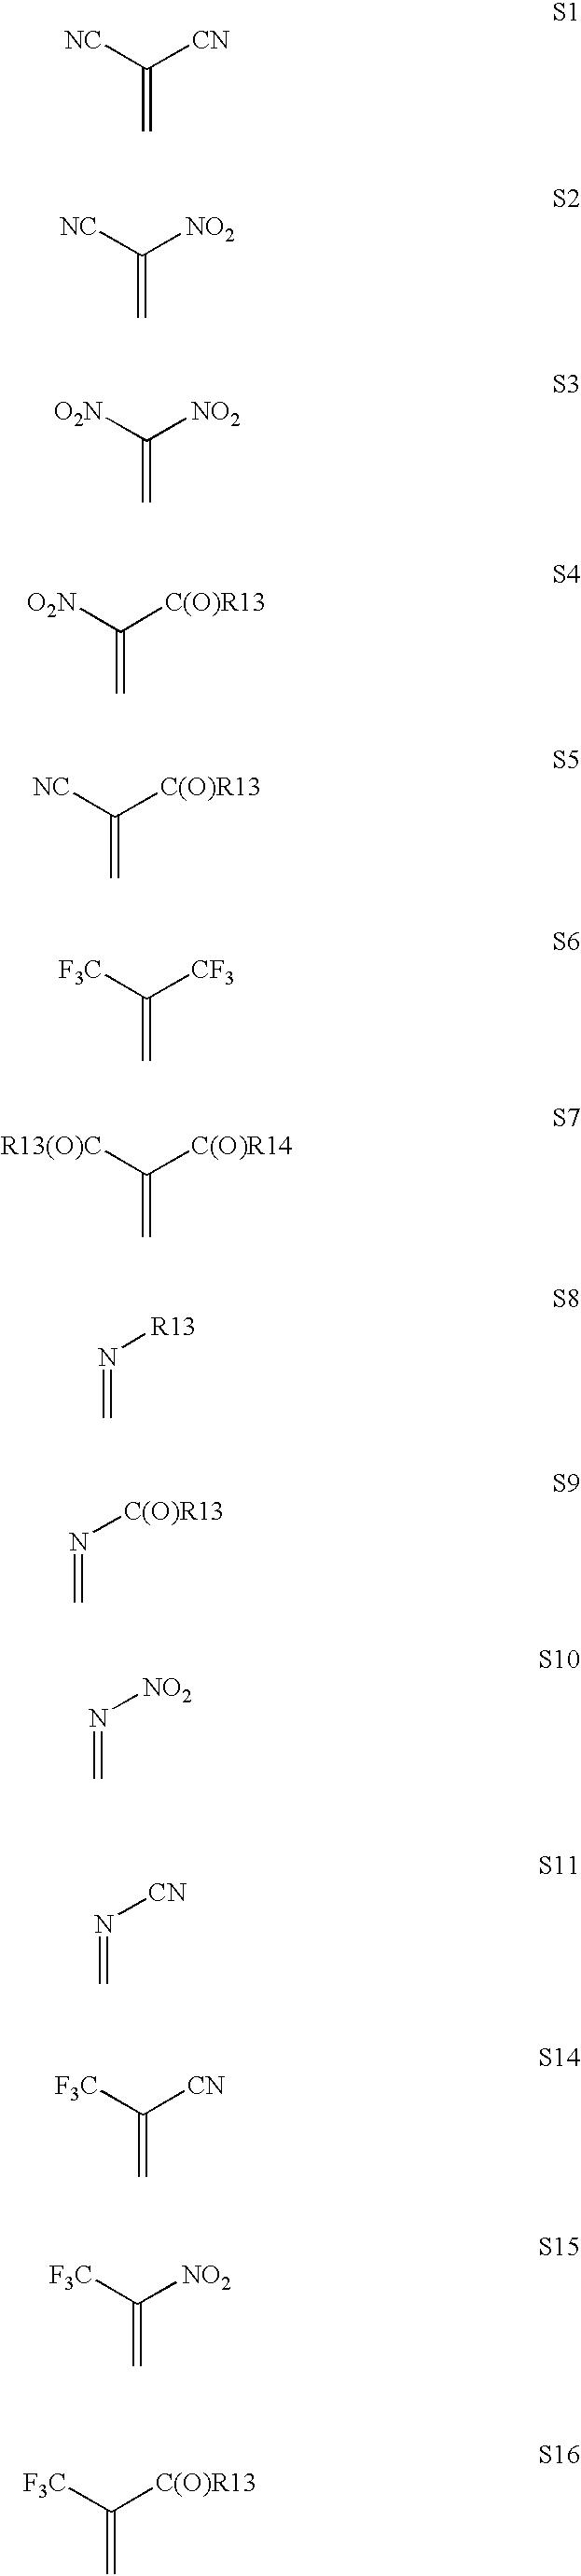 Figure US06908783-20050621-C00059